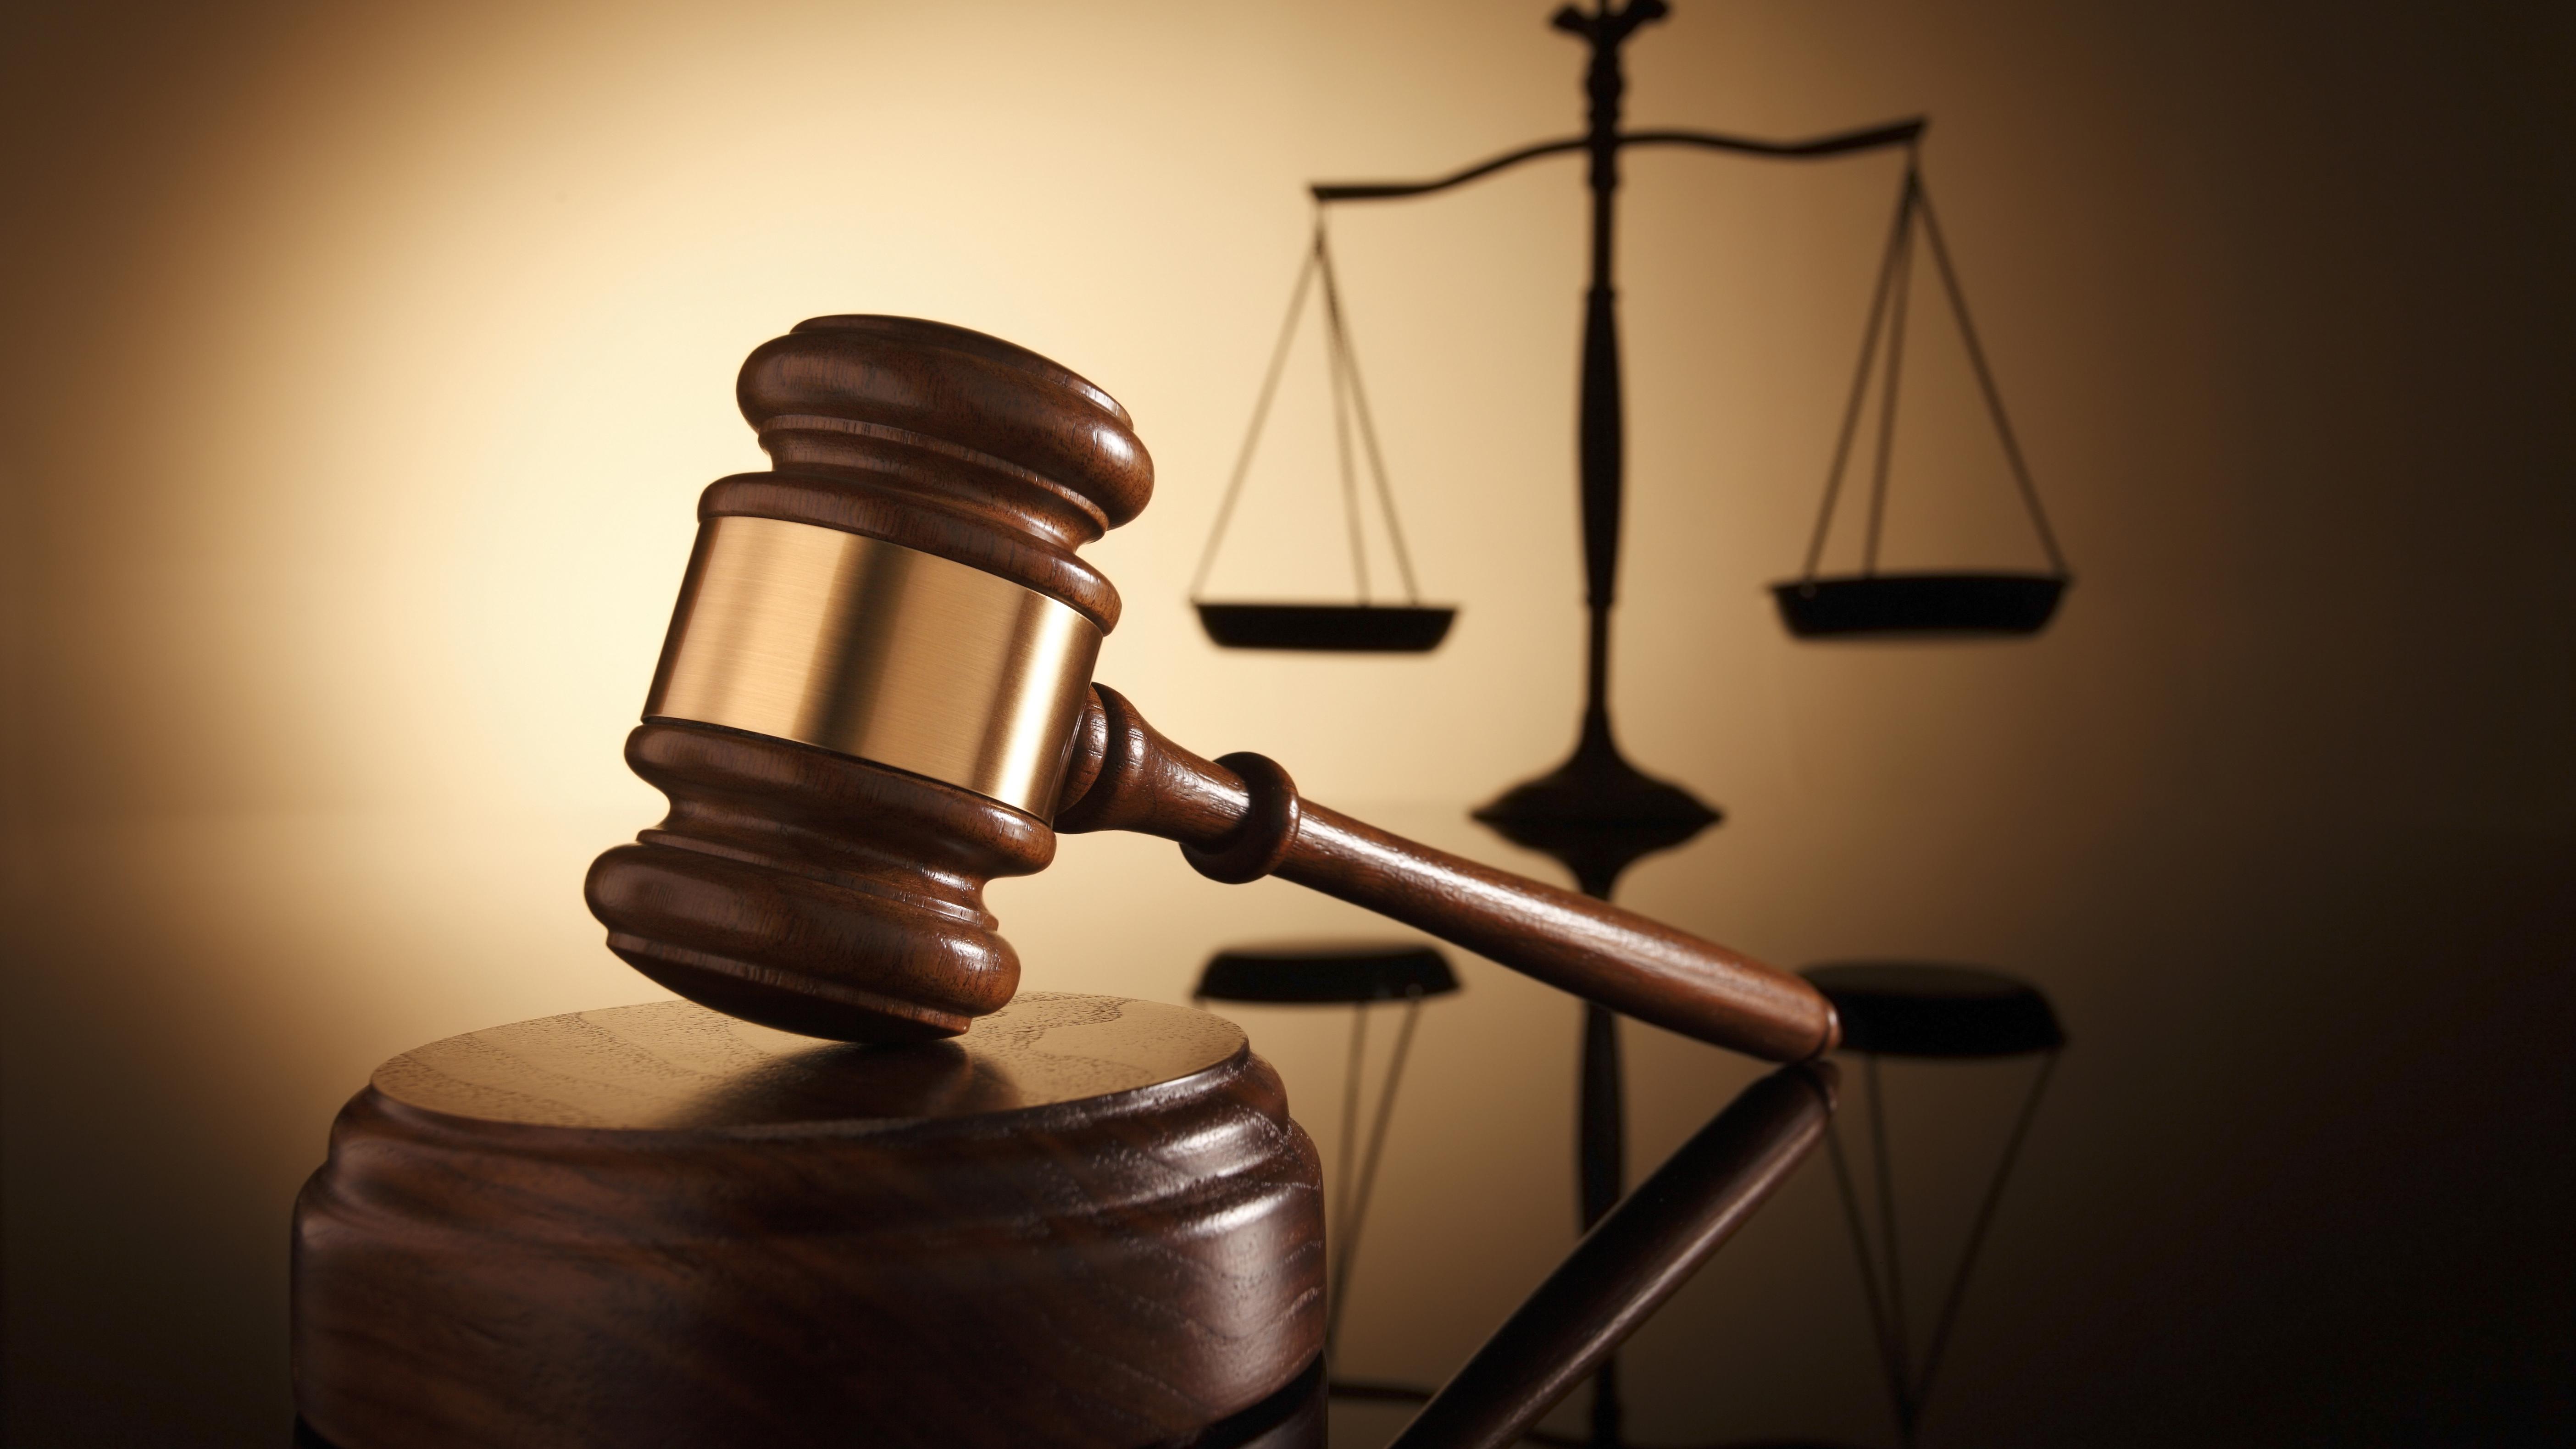 Днепровского судью-взяточника отпустили под небольшой залог